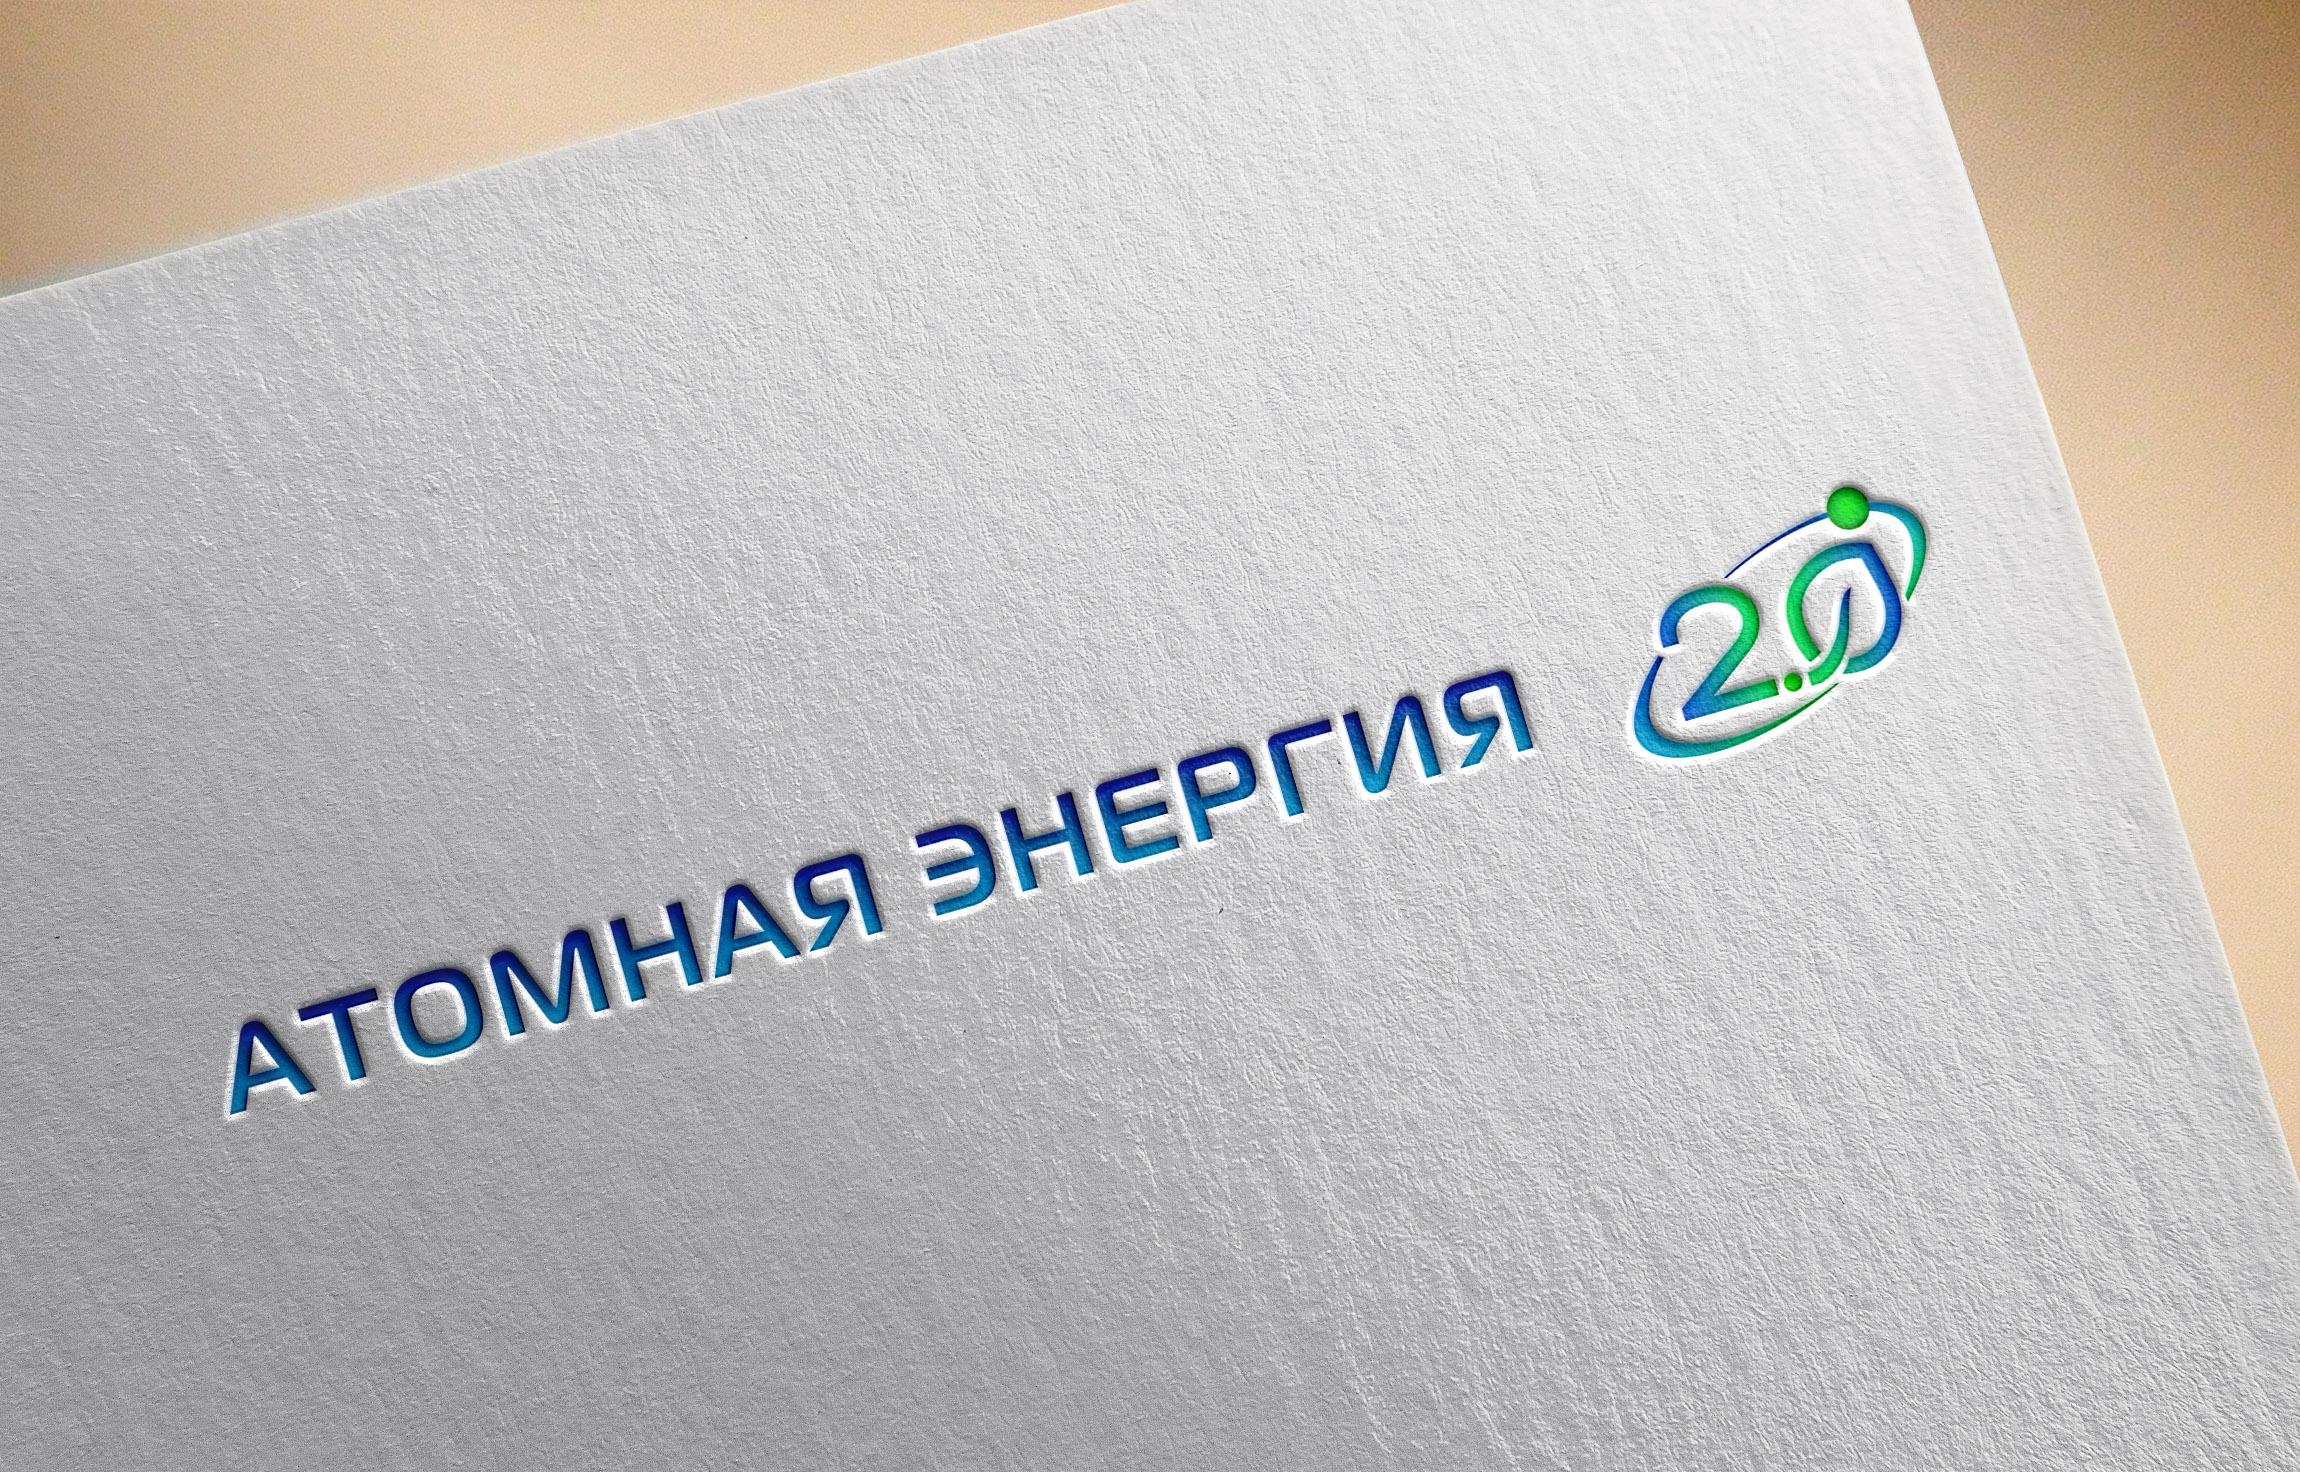 """Фирменный стиль для научного портала """"Атомная энергия 2.0"""" фото f_0595a11eccf60cf2.jpg"""